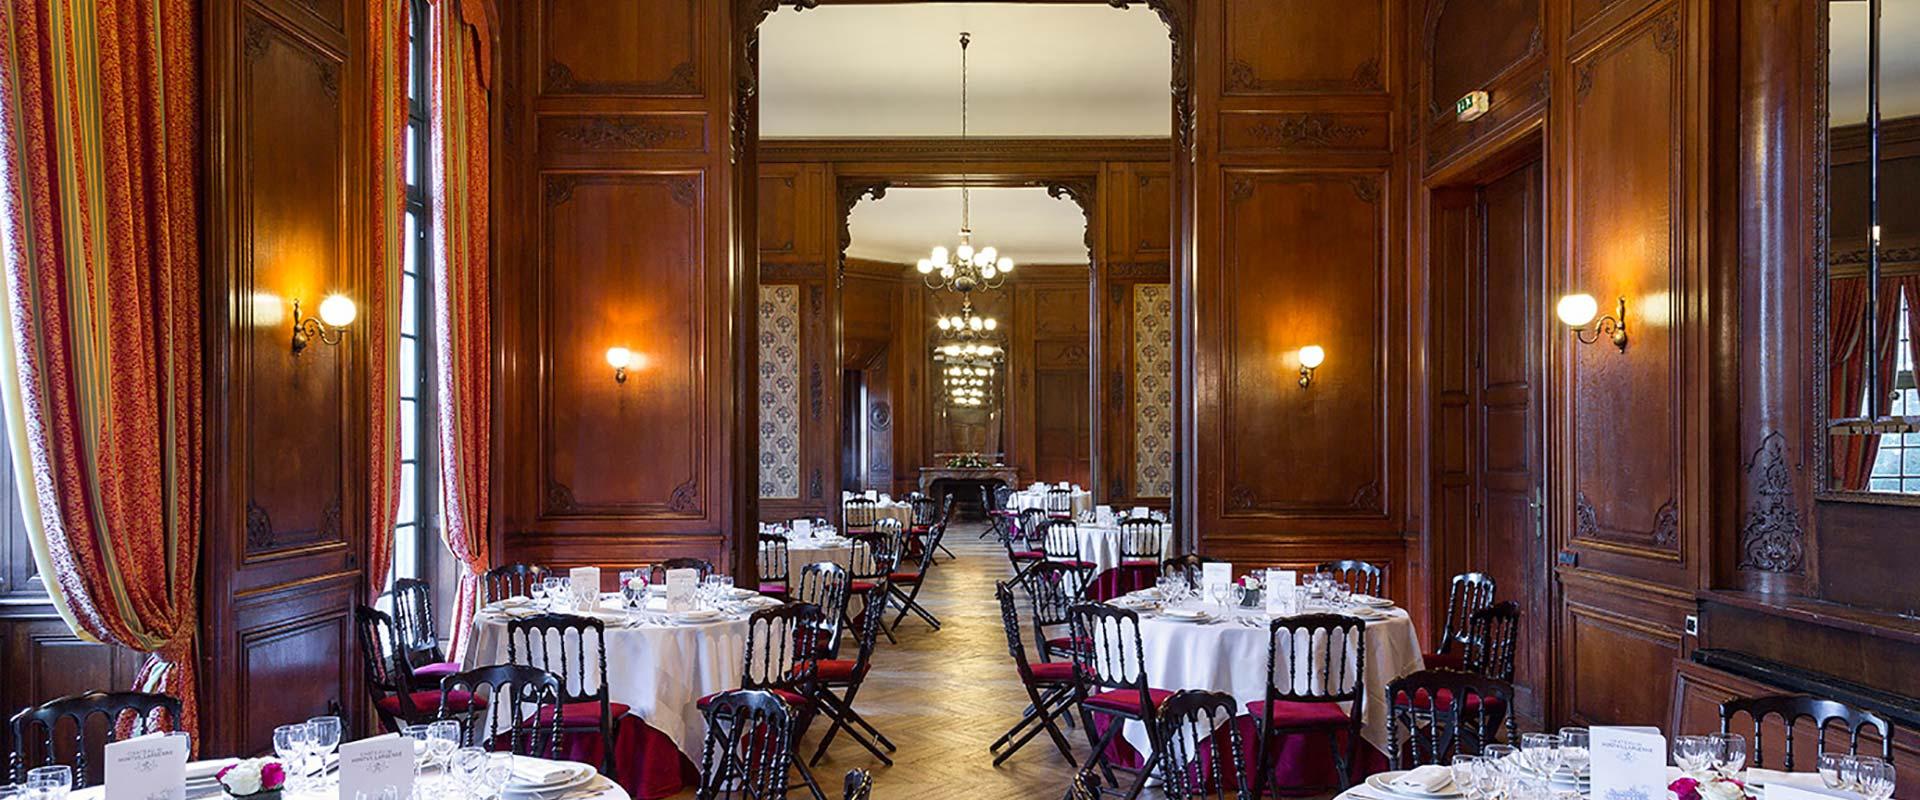 reception-chateau-hotel-4